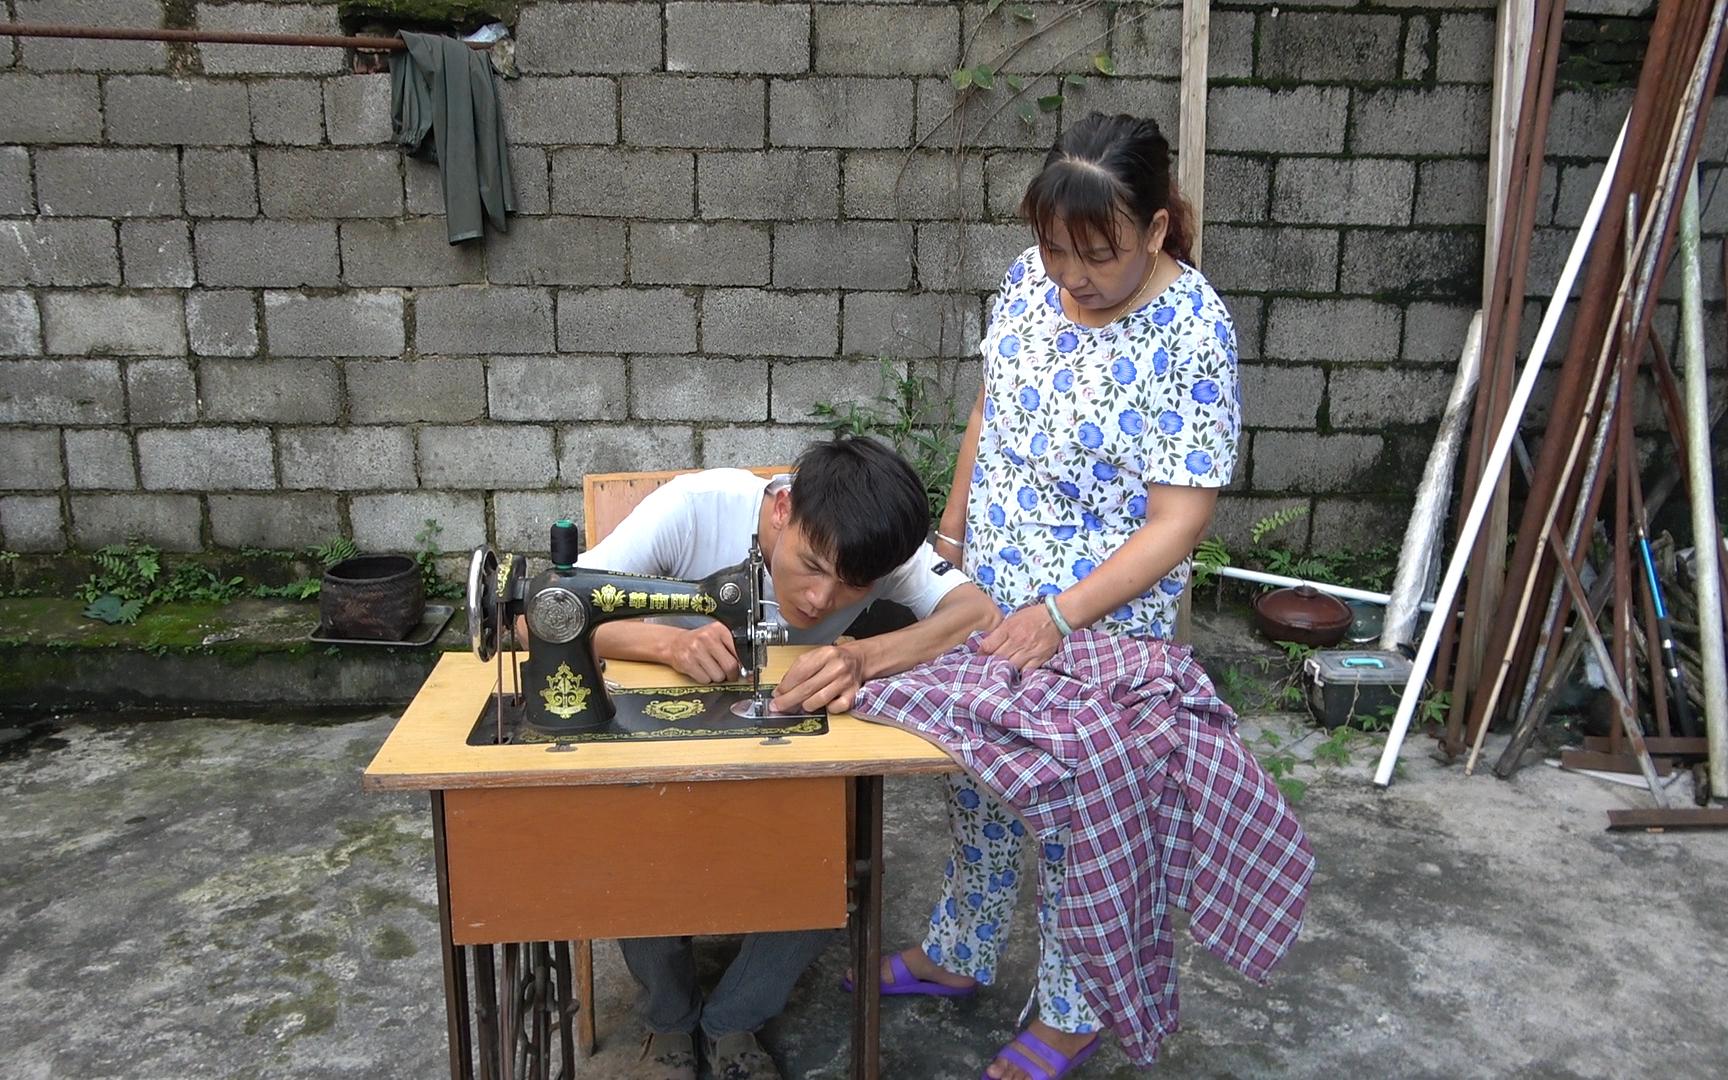 外地老板进村回收老物件,80年代的缝纫机值700块,看看你家有吗